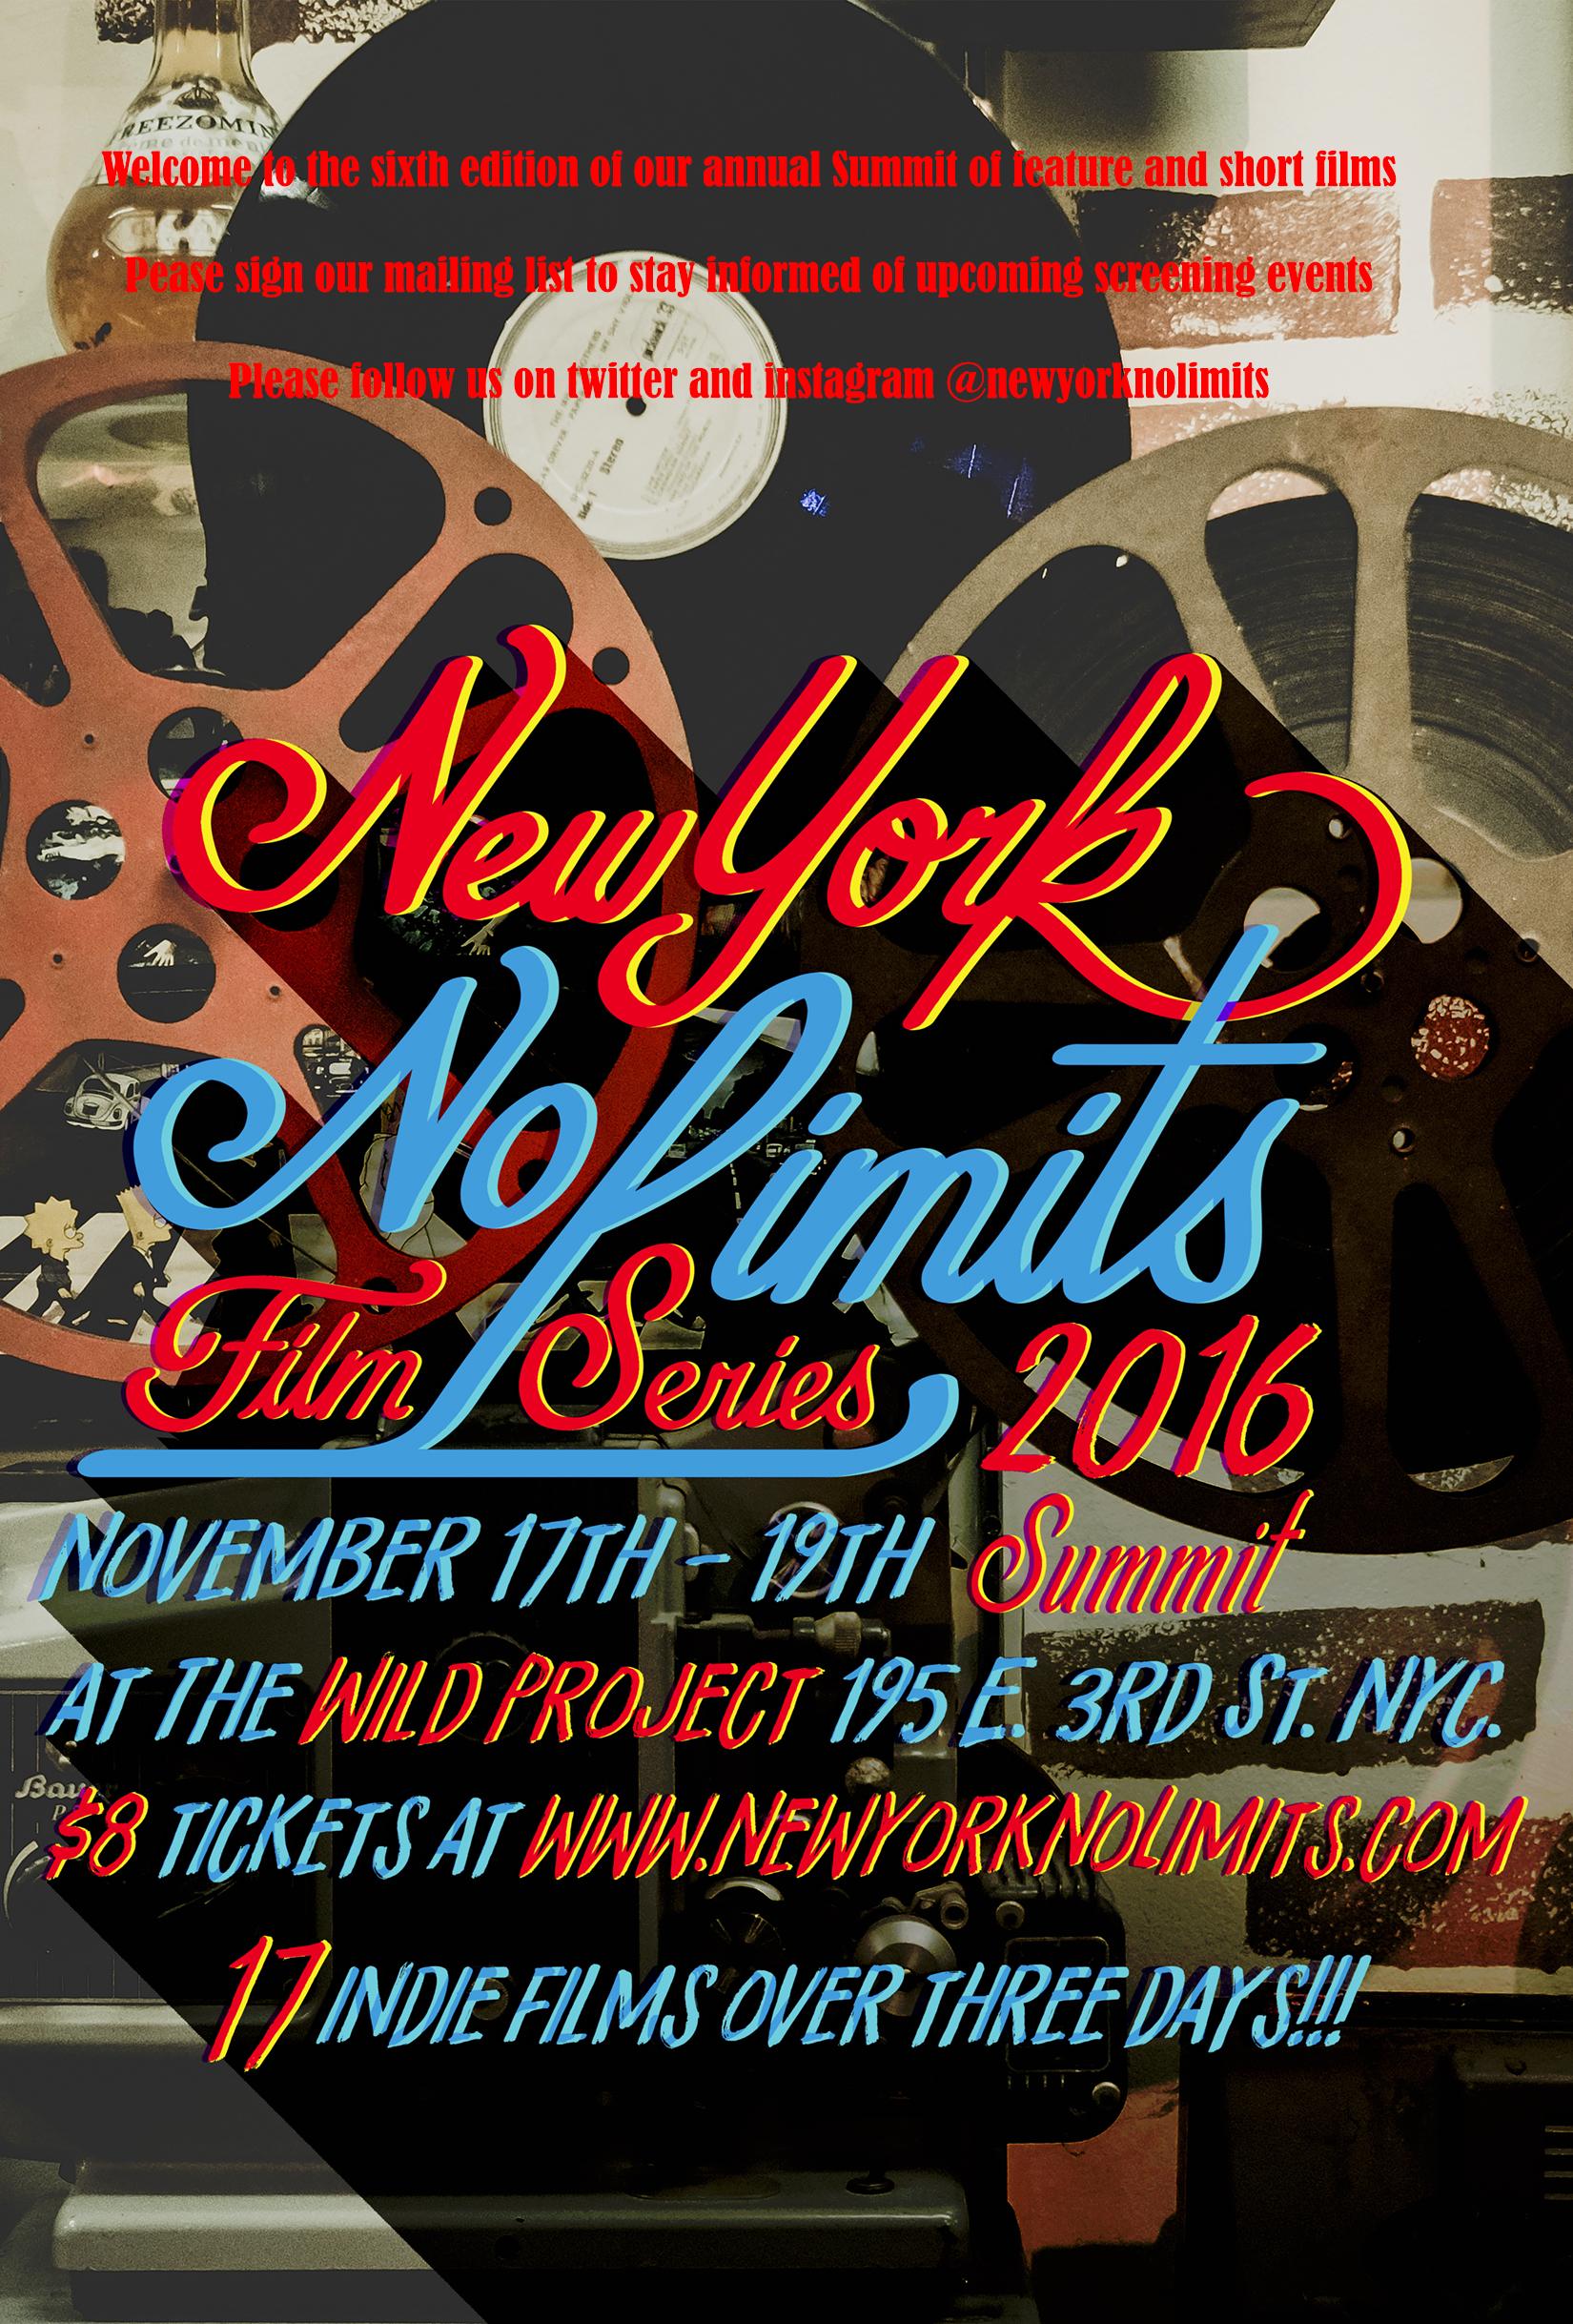 NYNL 112016 FINAL3welcome.jpg